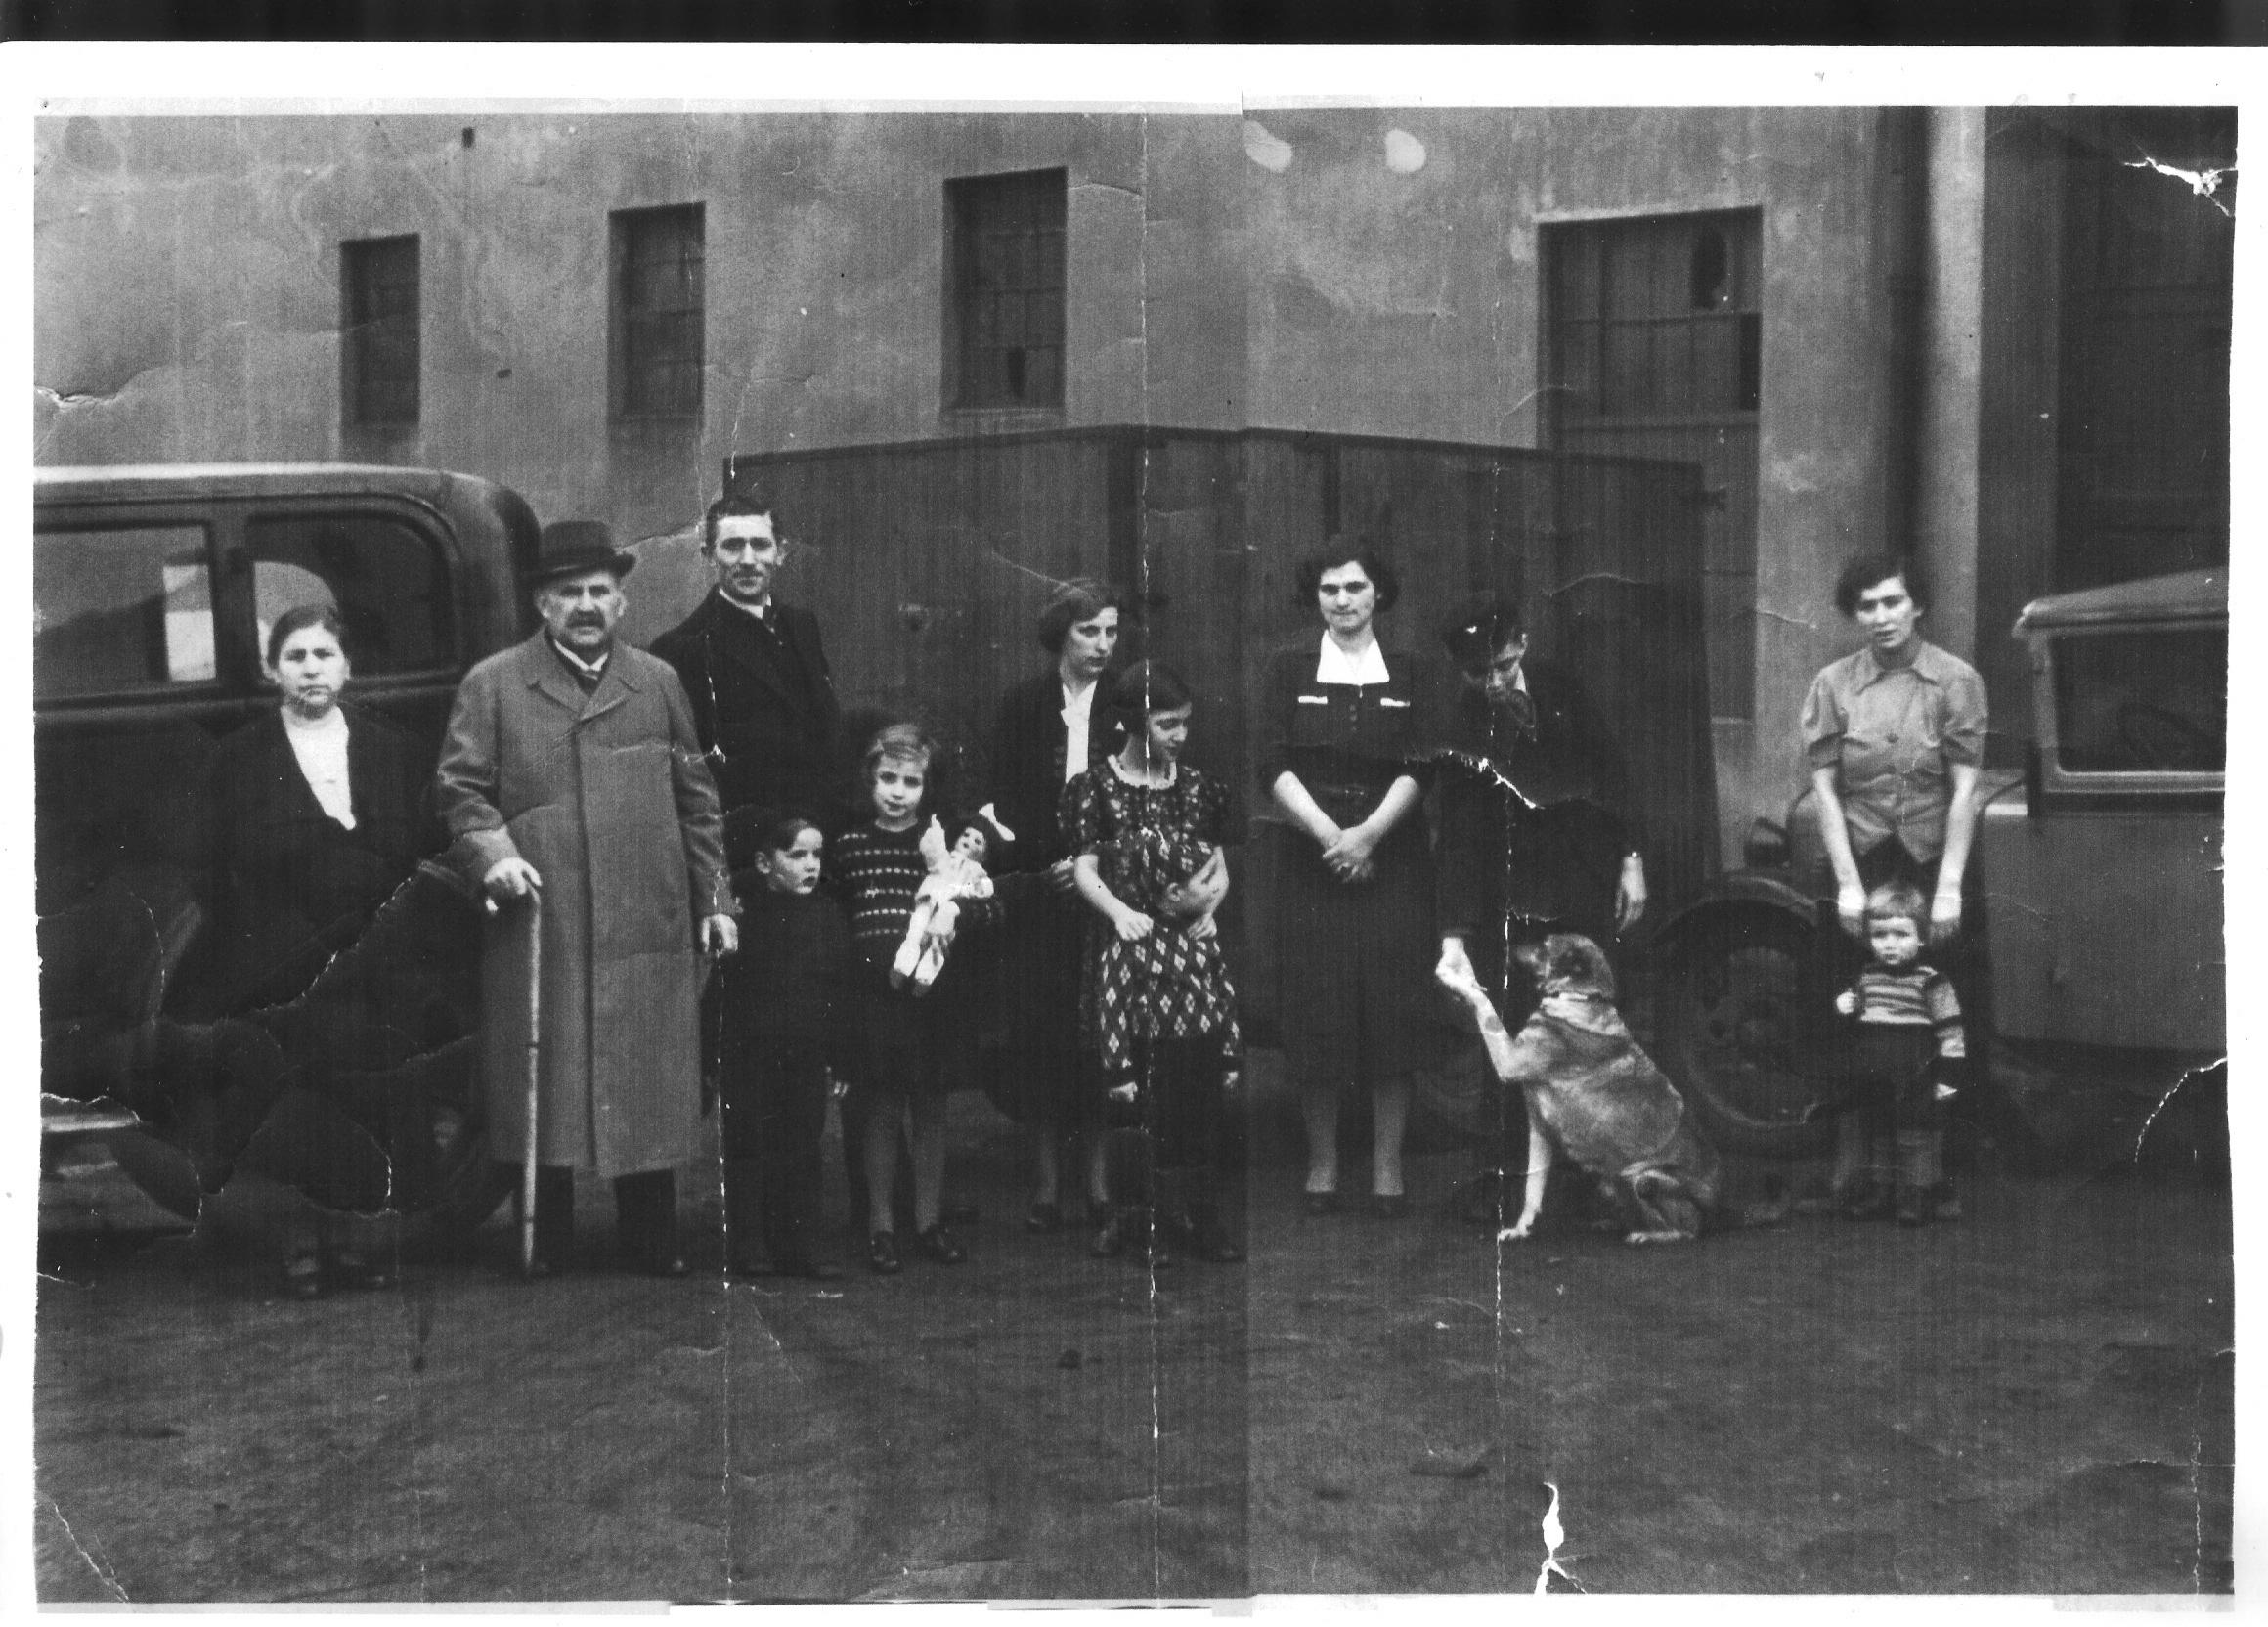 Das Bild zeigt die Familie Rennberg. Das Bild wurde freundlicherweise von Frau Meyer überlassen